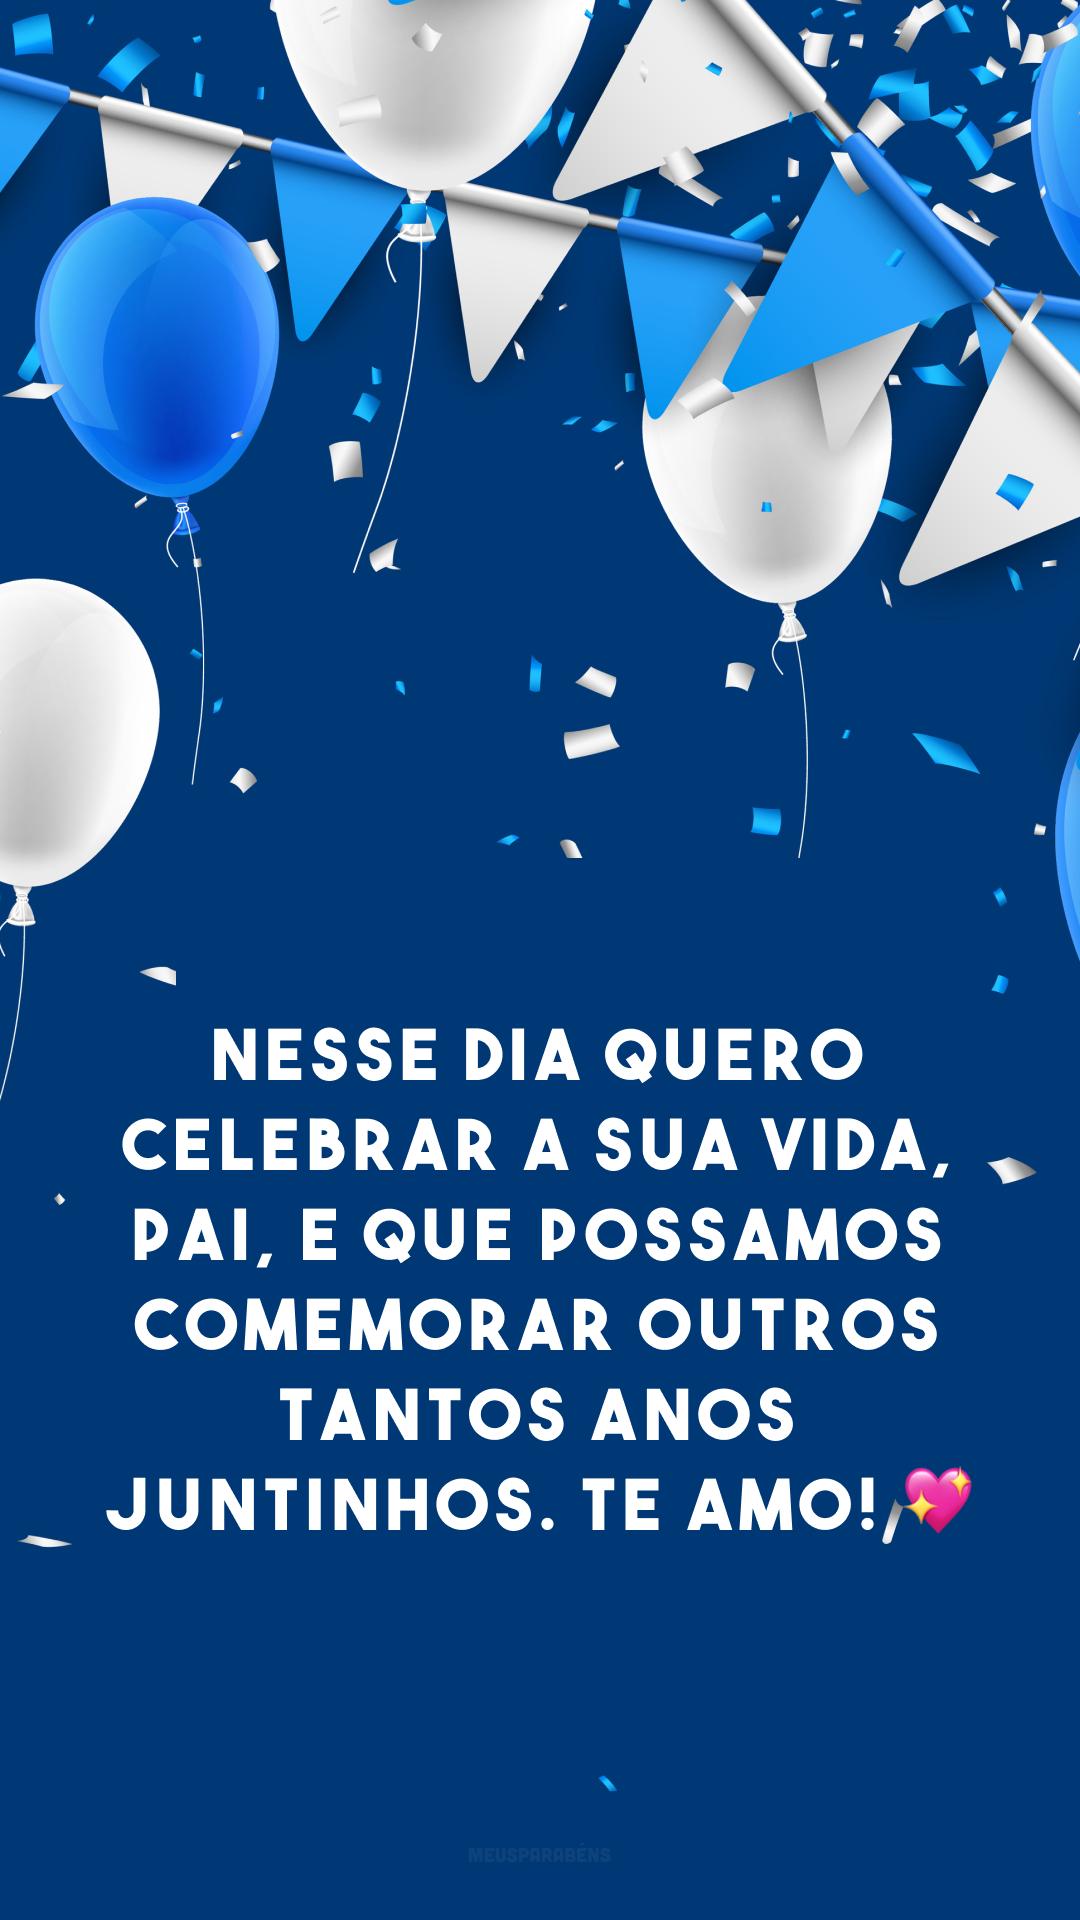 Nesse dia quero celebrar a sua vida, pai, e que possamos comemorar outros tantos anos juntinhos. Te amo! ?